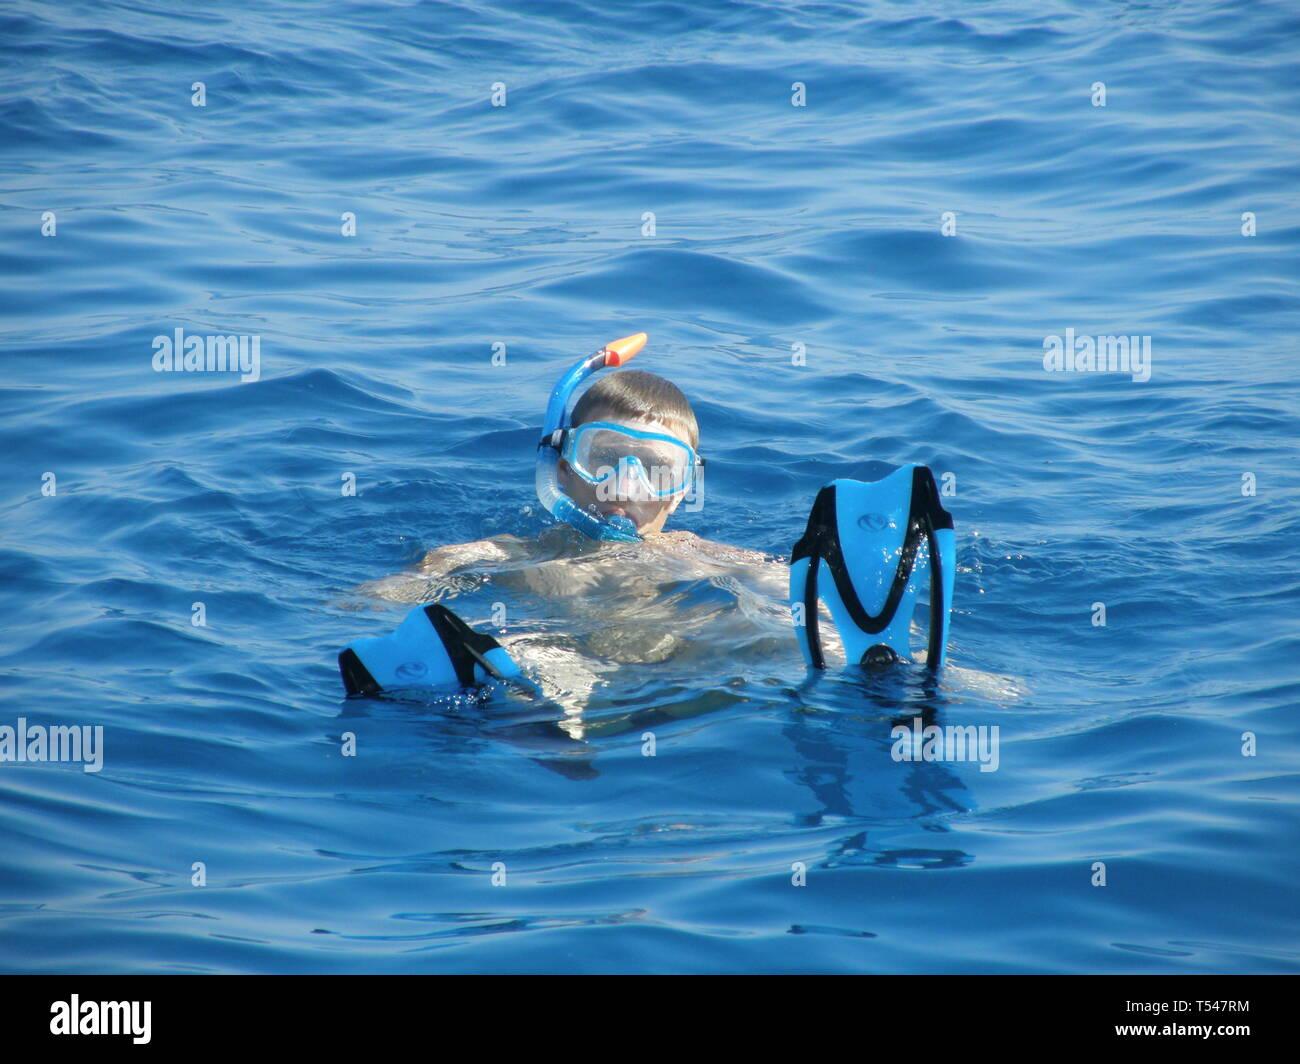 Immagine di un uomo lo snorkeling in mare ammirando le barriere coralline e i pesci.Sharm el Sheik Egitto. Immagini Stock